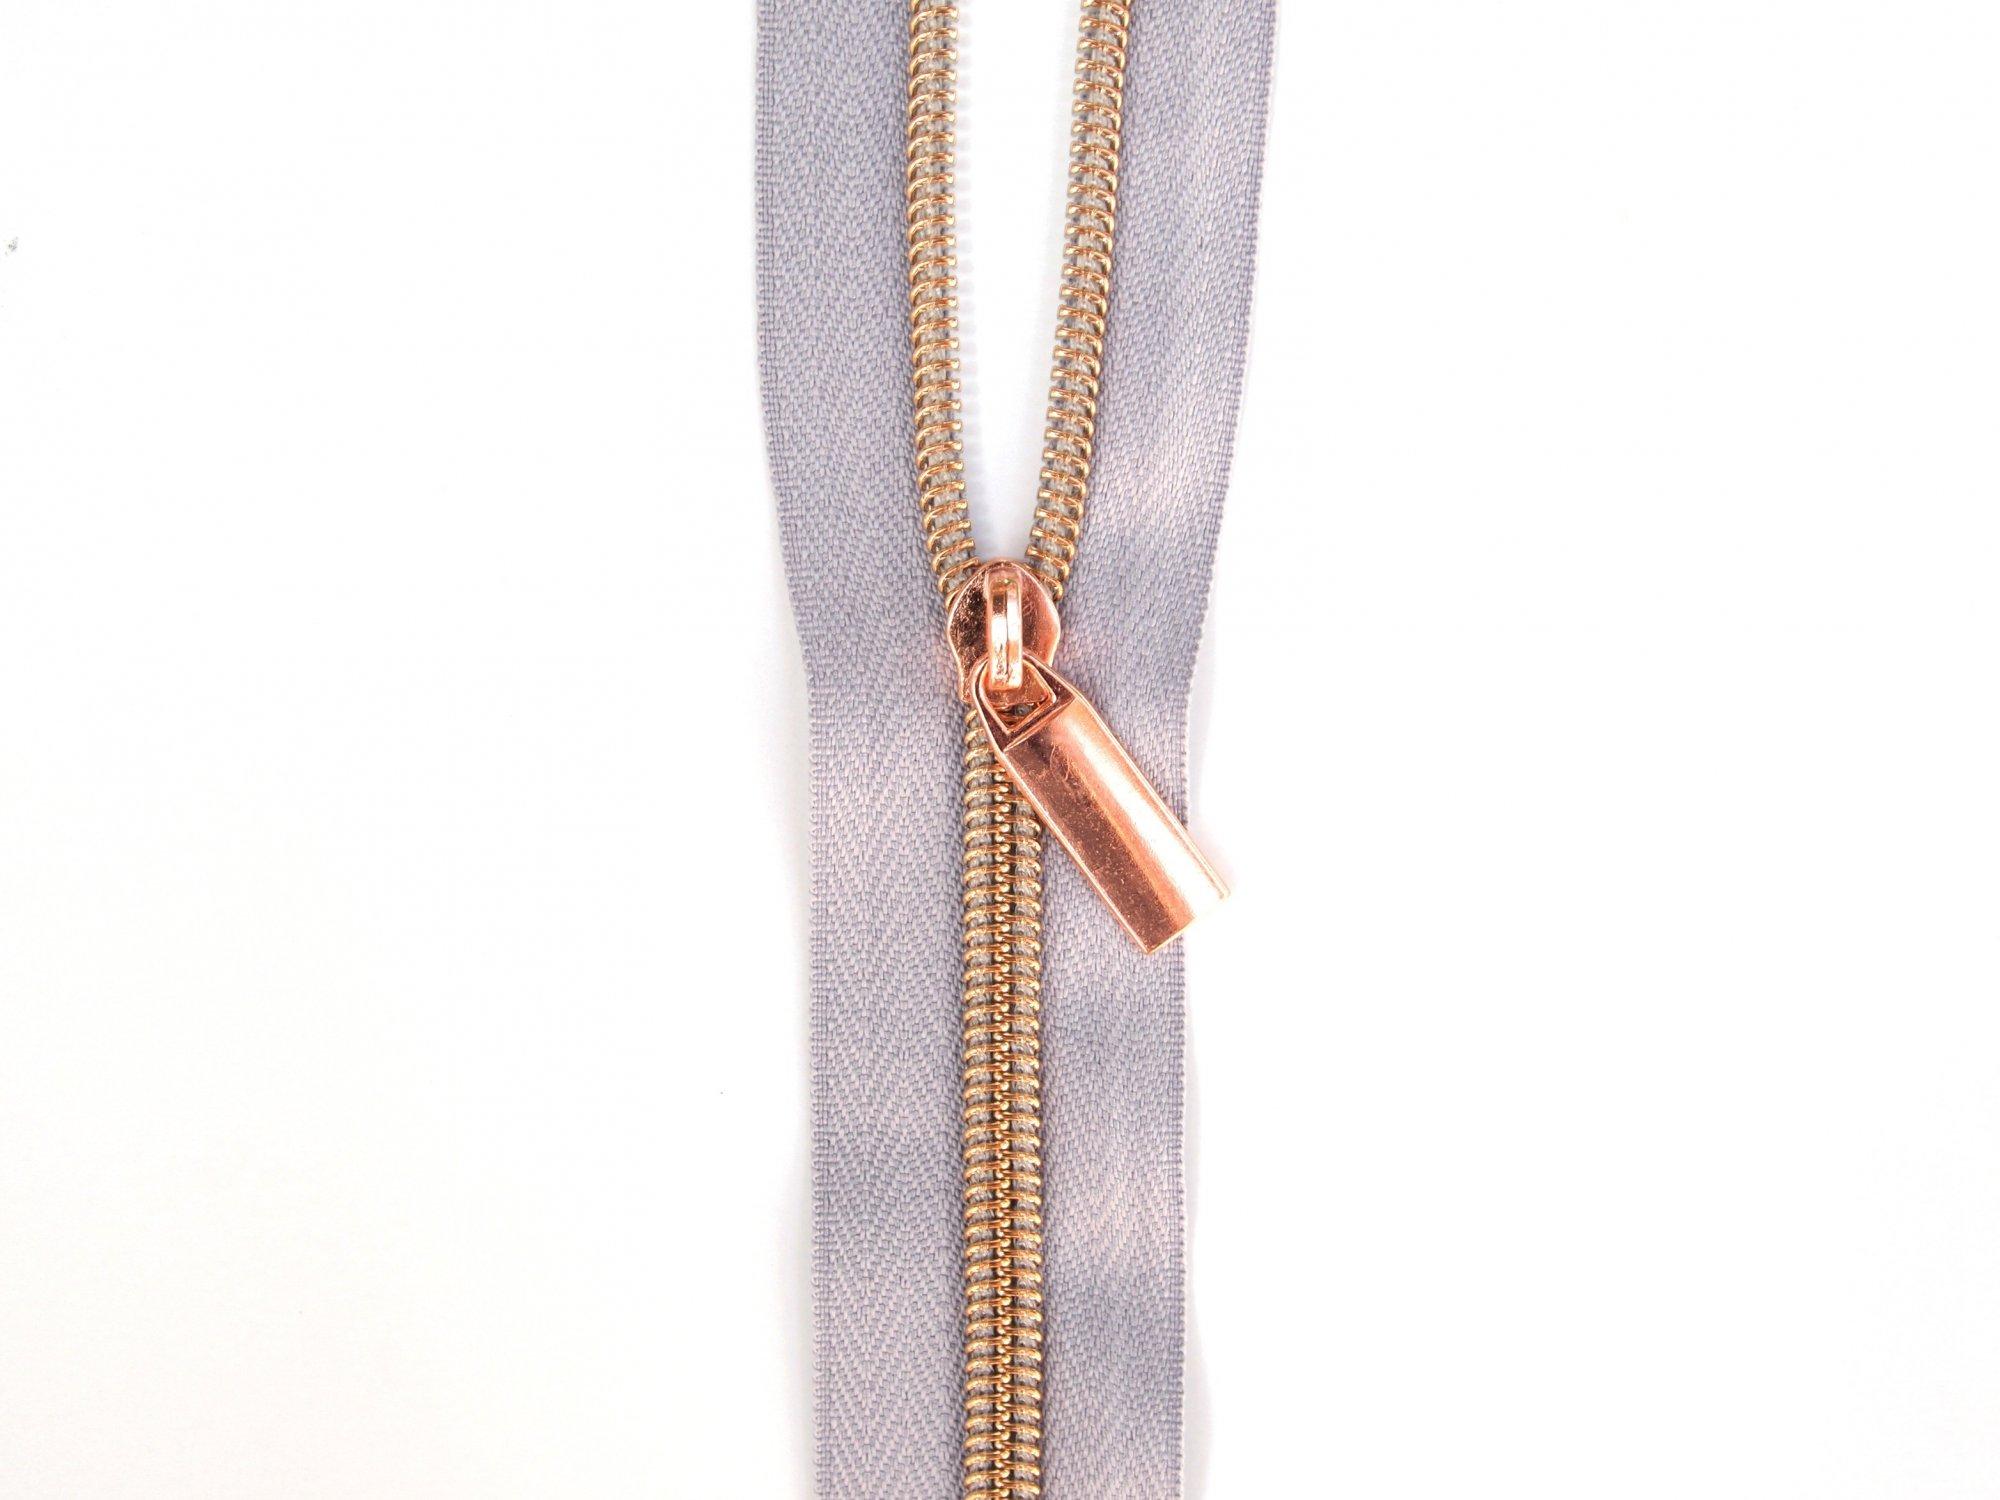 Zipper Tape - Grey Tape & Copper Zipper